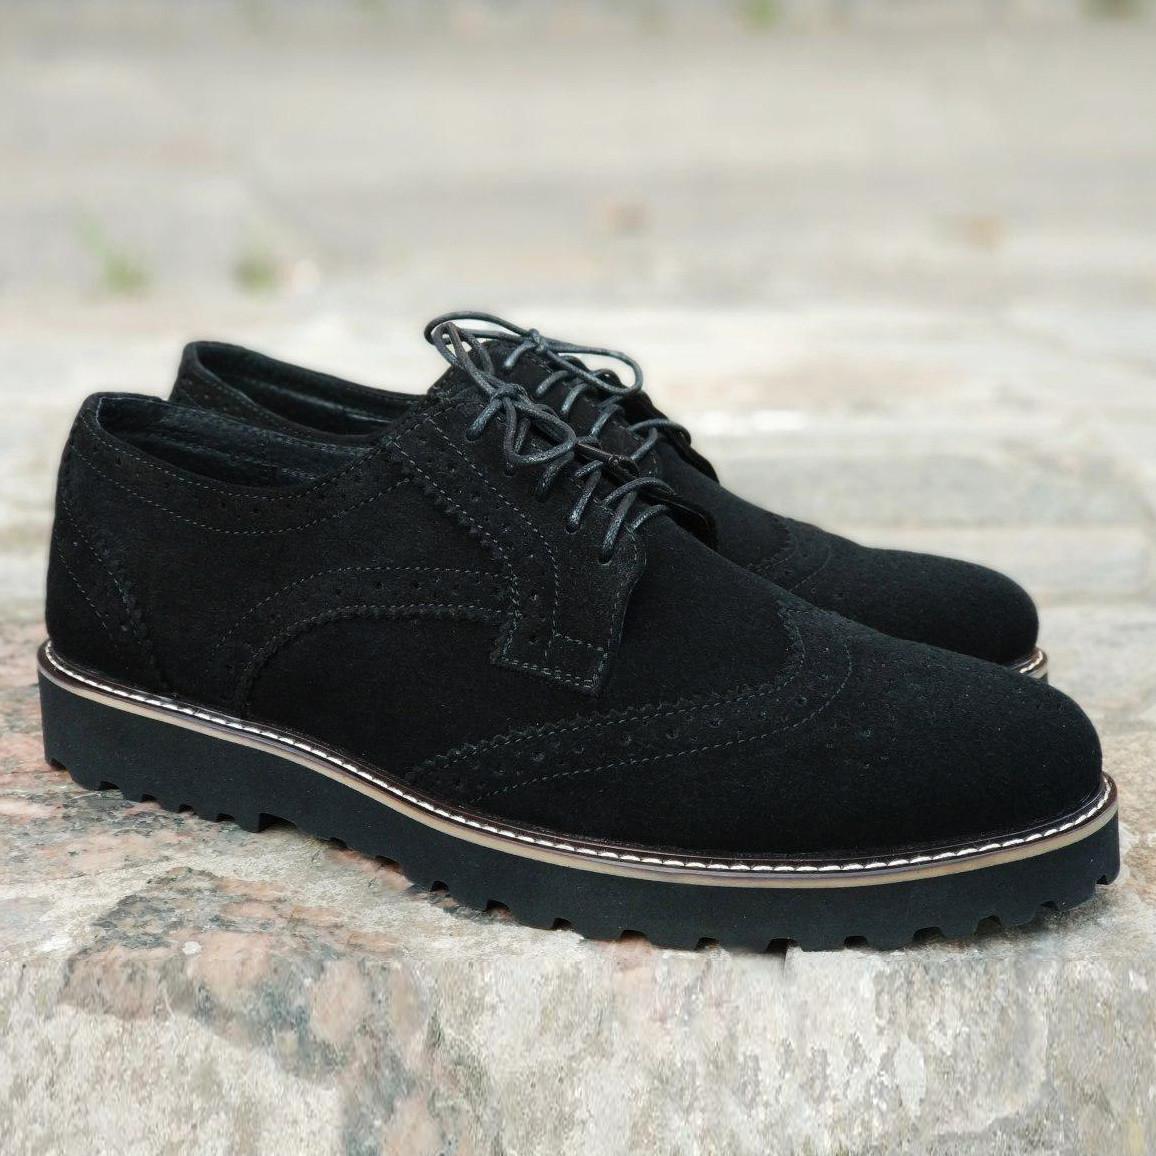 bec299165 Туфли броги мужские черные замшевые Оникс (Onyx) от бренда Legessy размер 40,  41